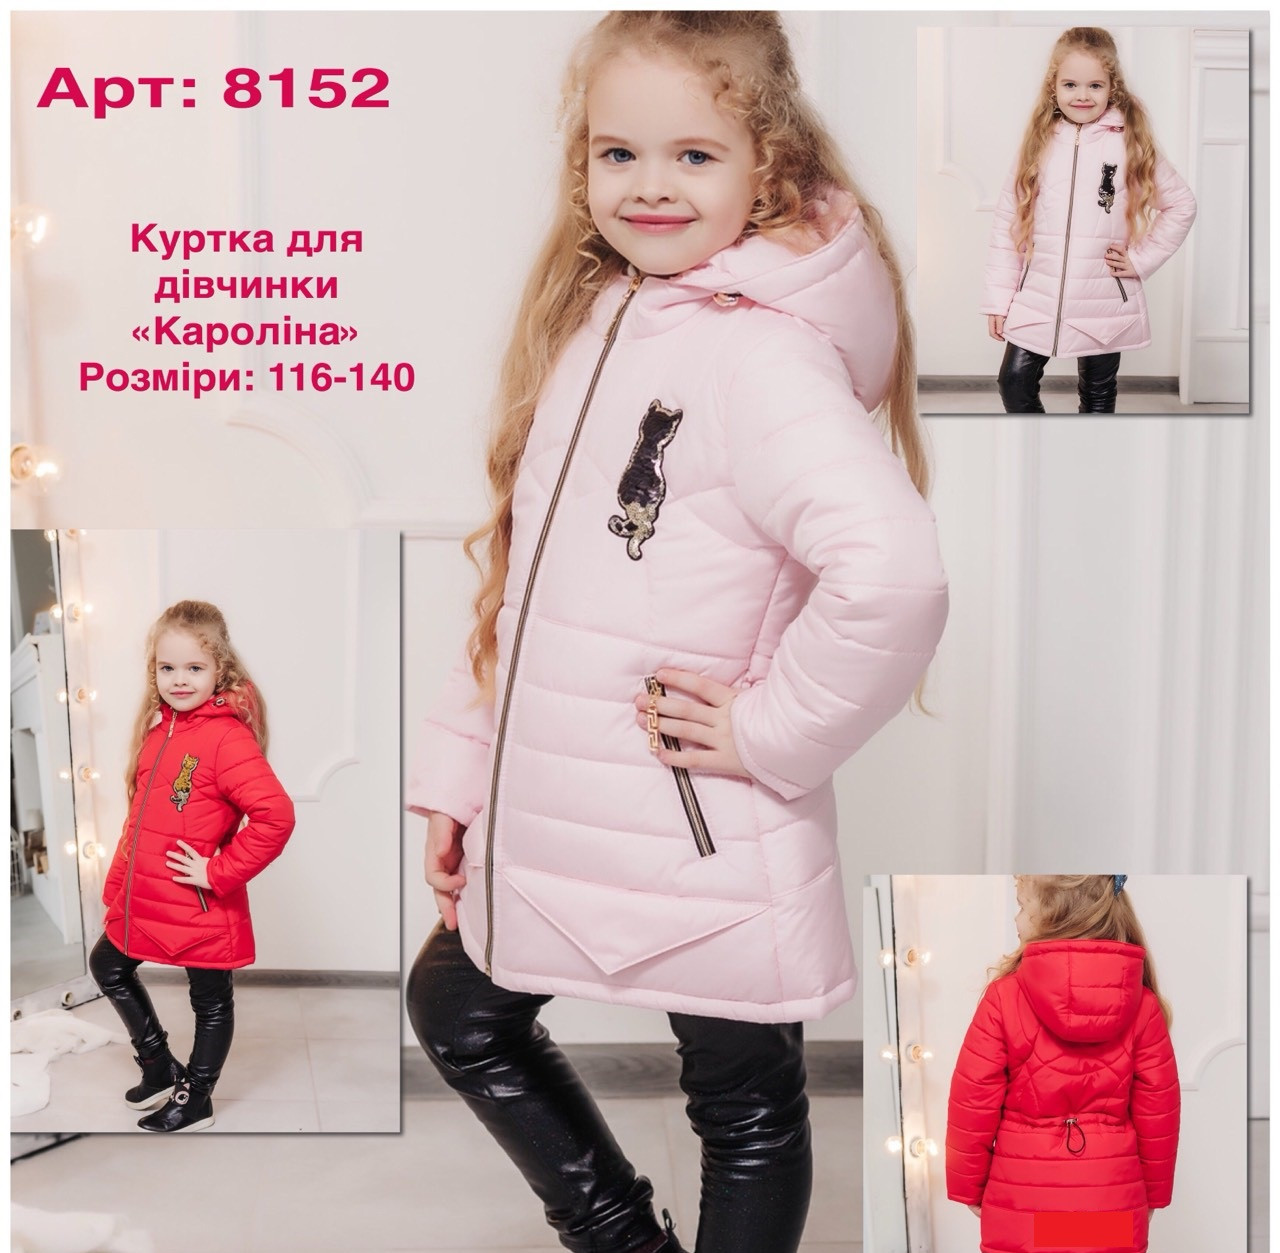 Детская демисезонная куртка для девочки Каролина, размеры 116-140